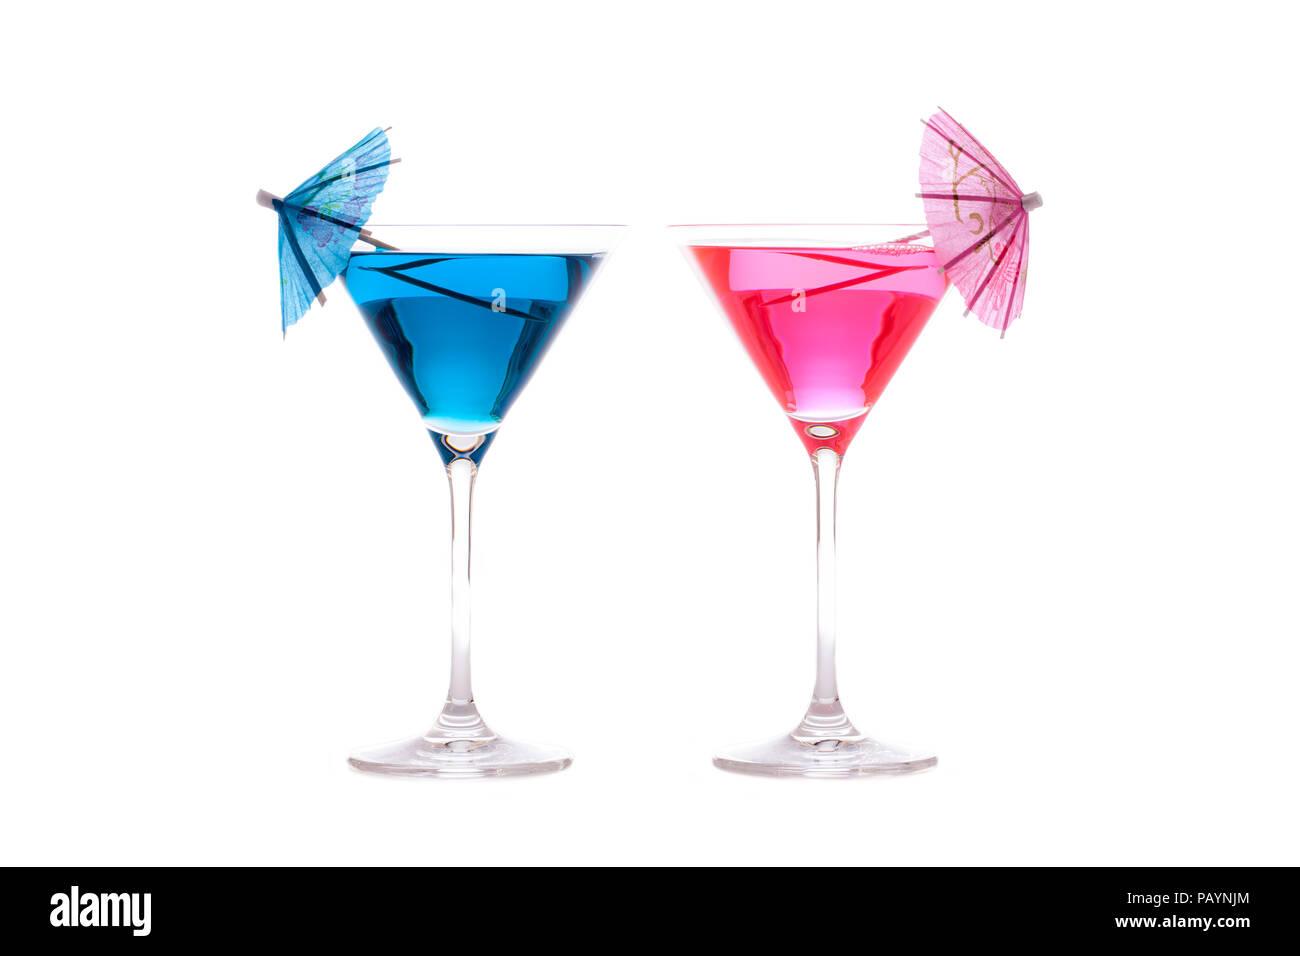 Son parti et le sien ou locations de cocktails. Bleu et rose fluo fun d'été des boissons alcoolisées verres à cocktail avec des parasols. Encore une fois isolé Photo Stock